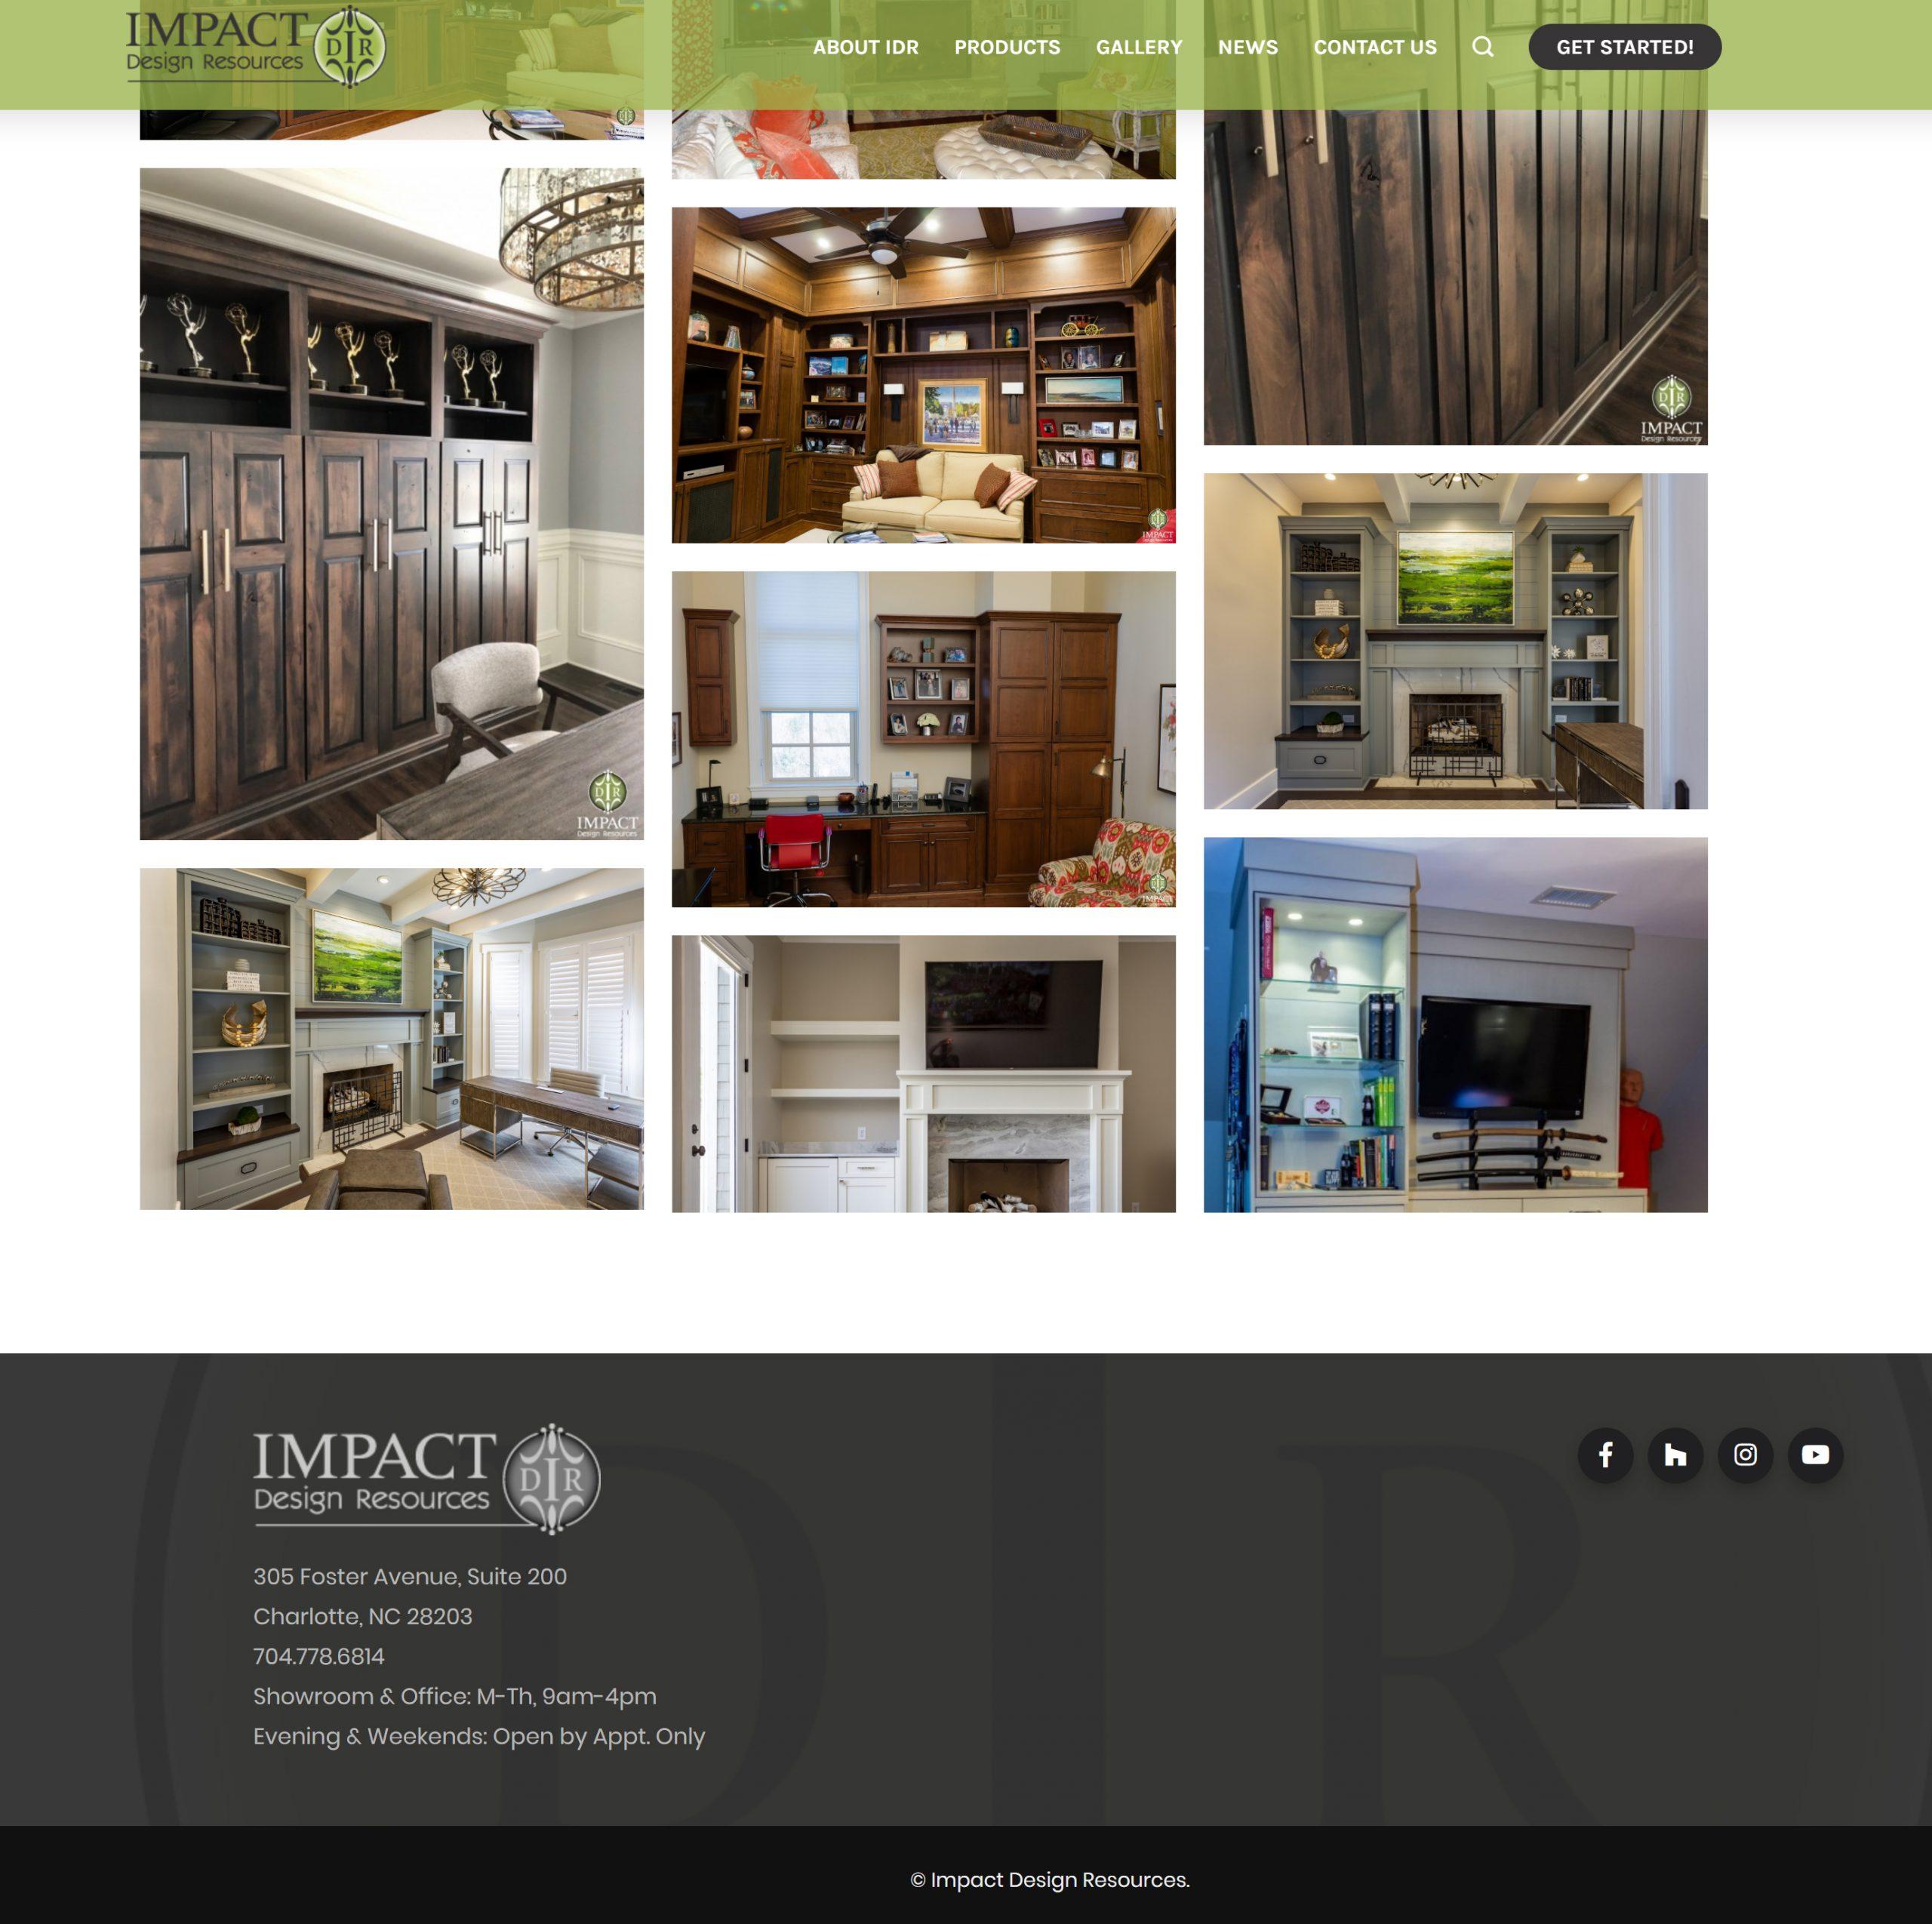 Impact Design Resources Website